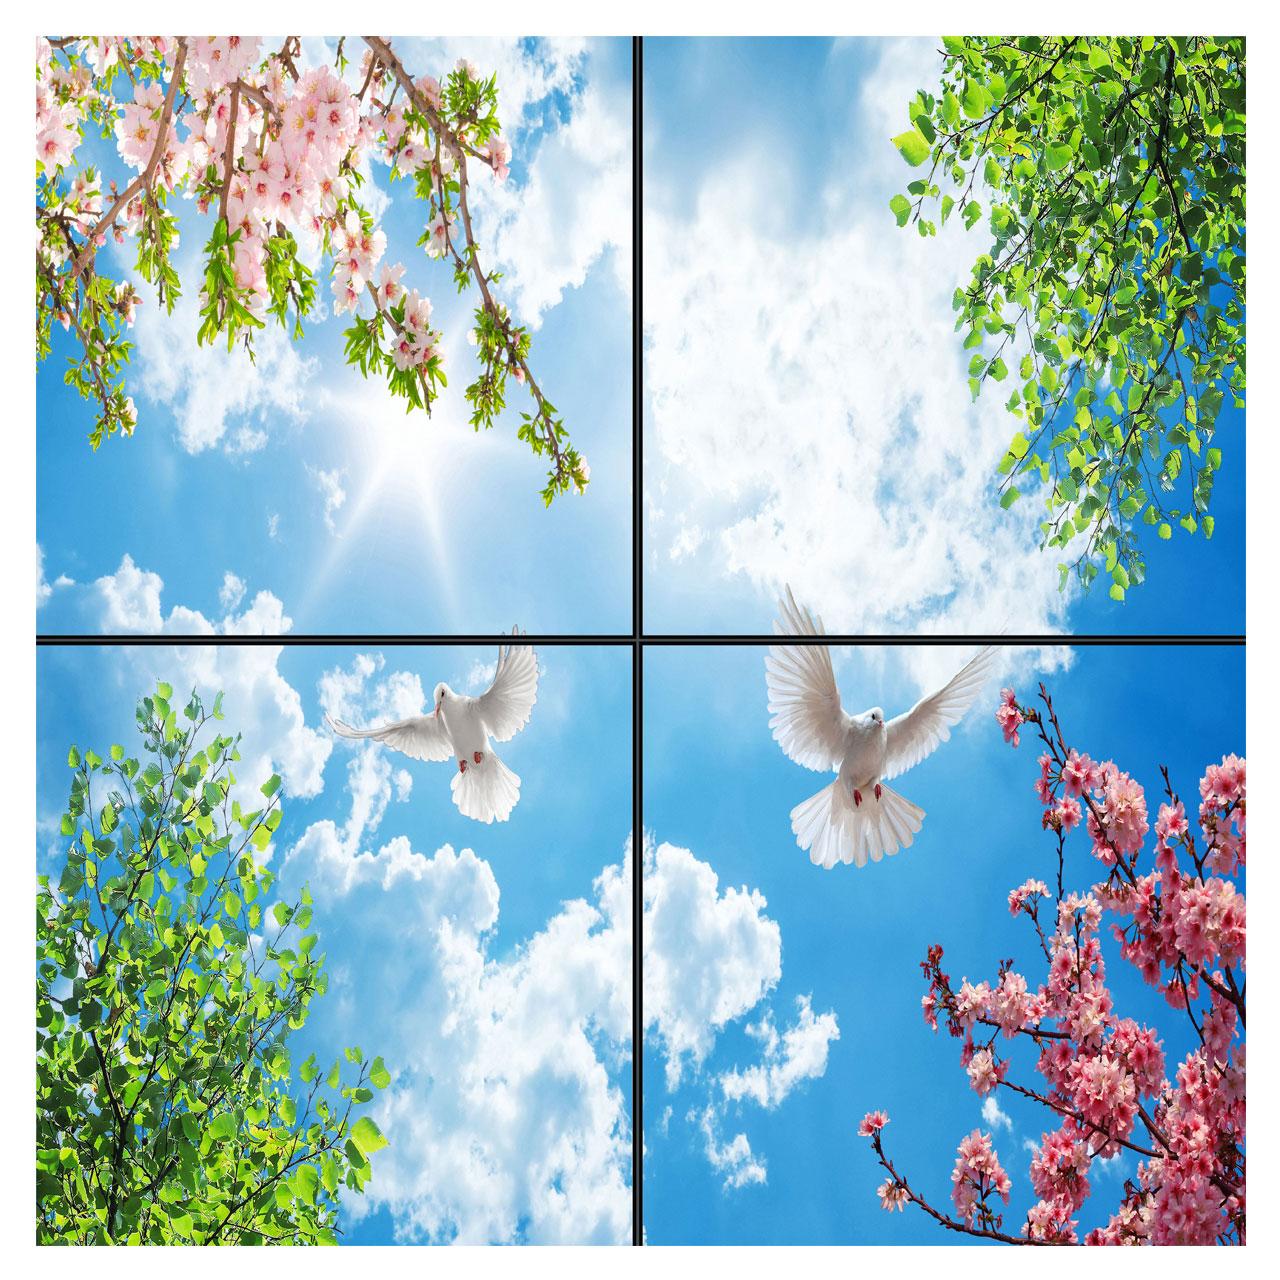 تایل سقفی آسمان مجازی طرح پرواز و آسمان کد 0200 سایز 60x60 سانتی متر مجموعه 4 عددی